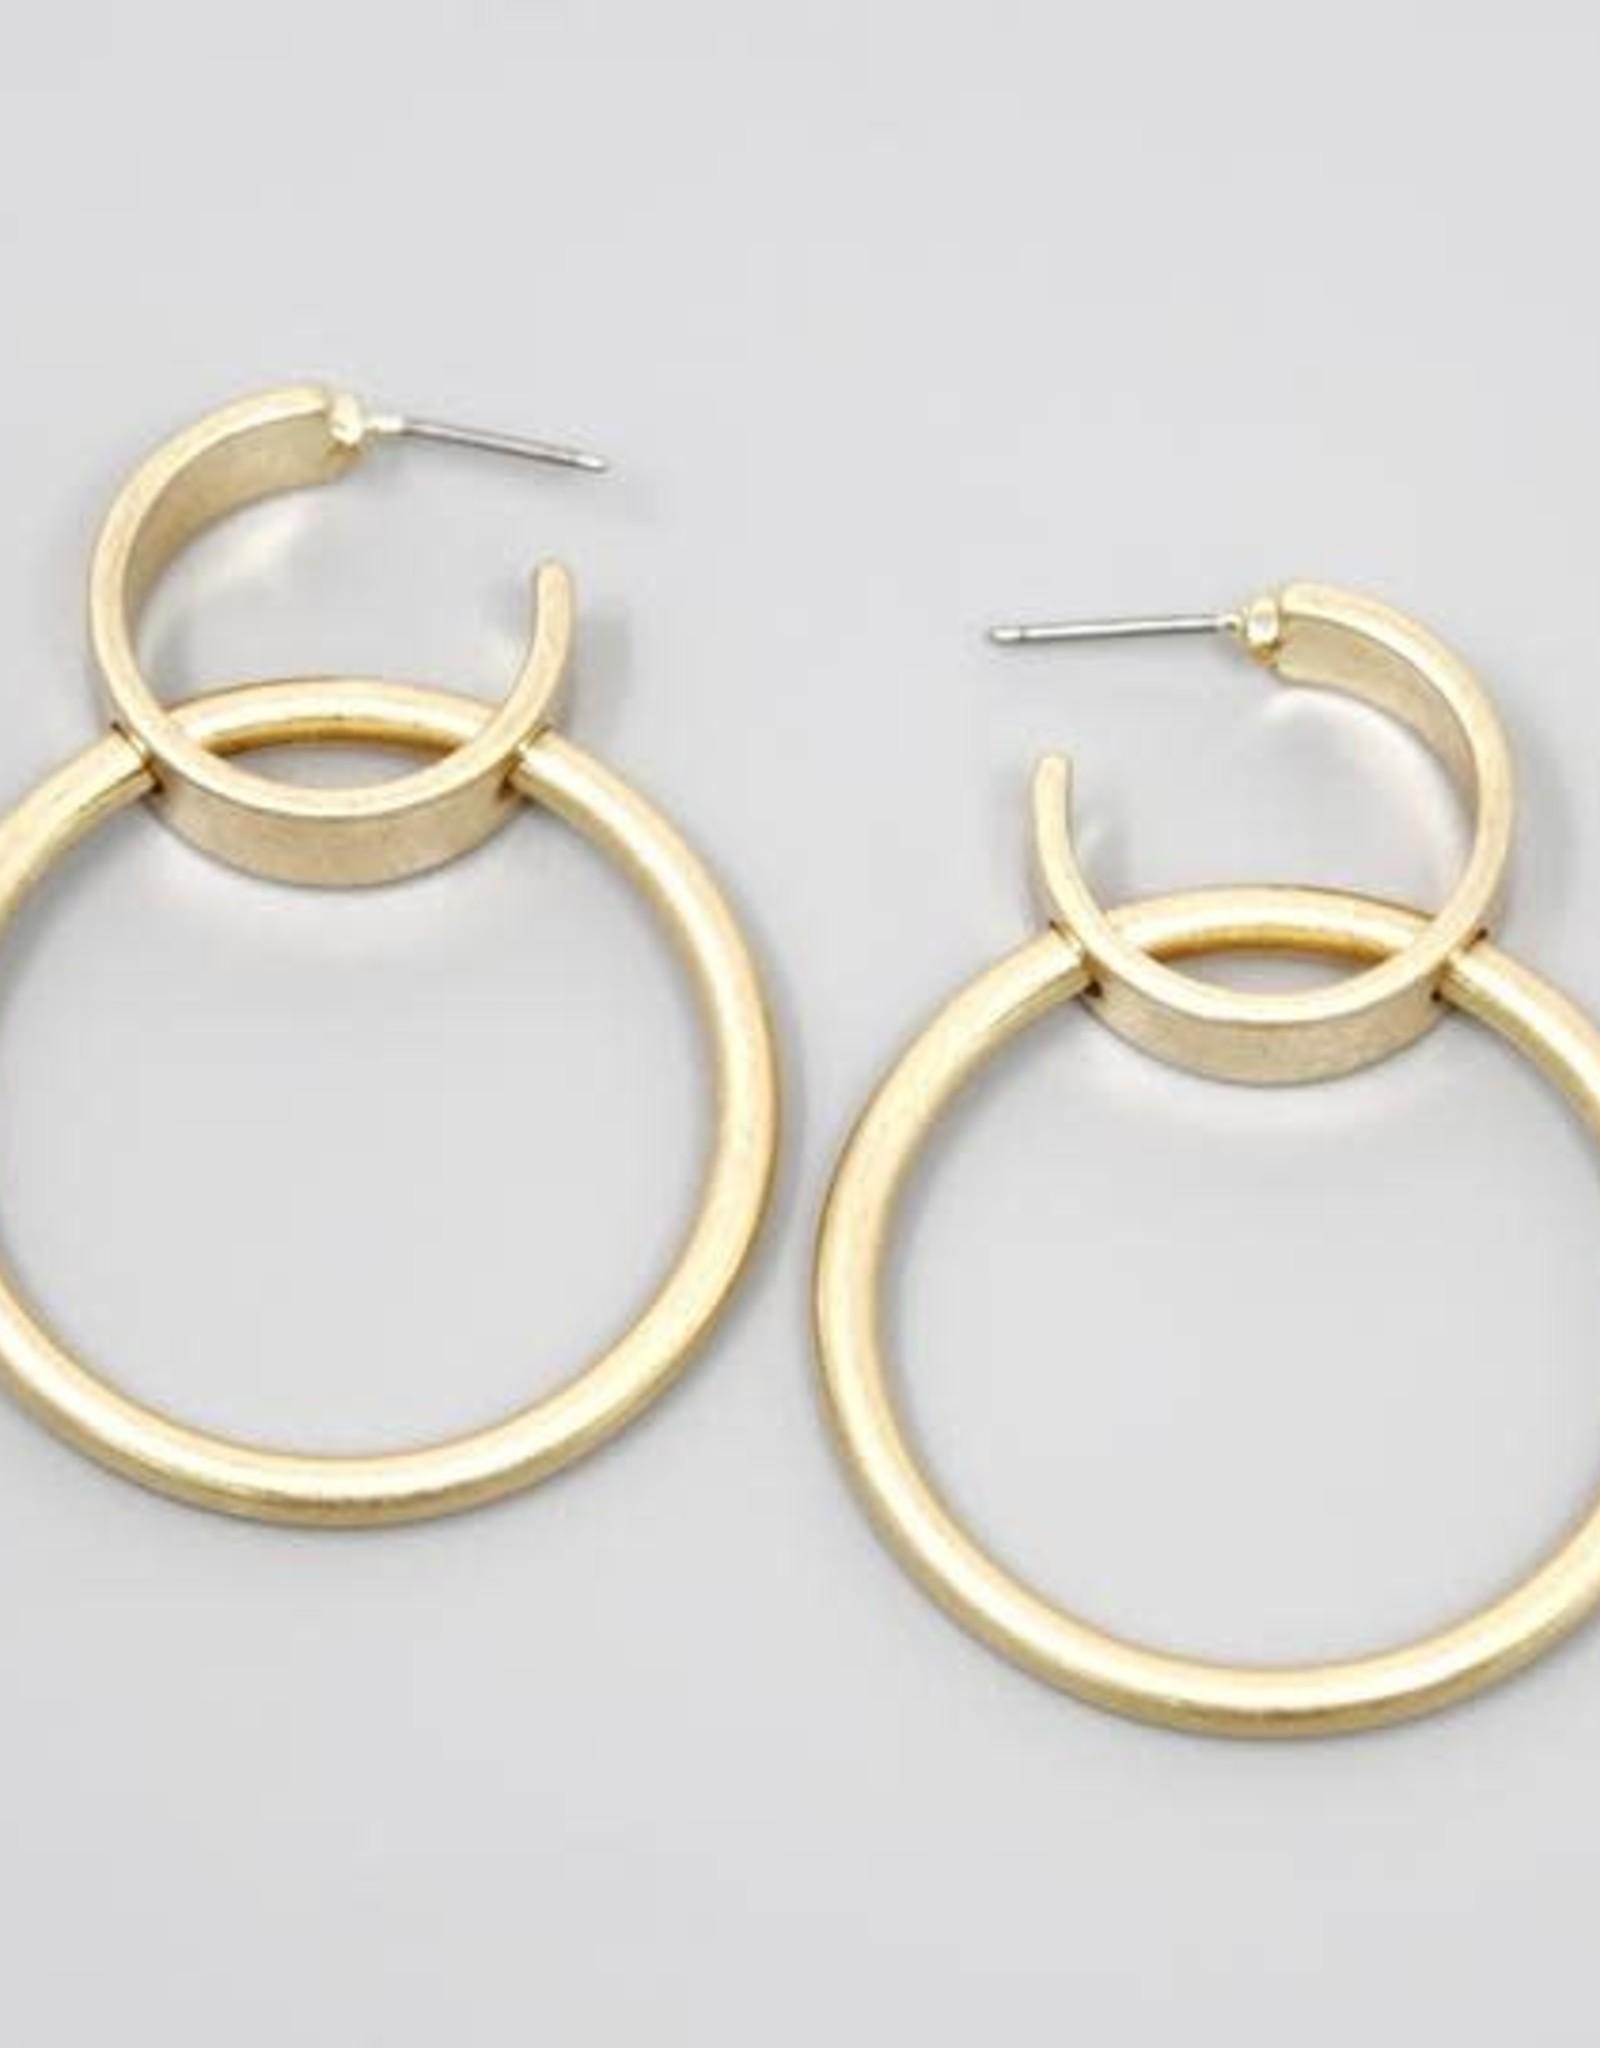 Double Hoop Drop Earrings - Worn Gold